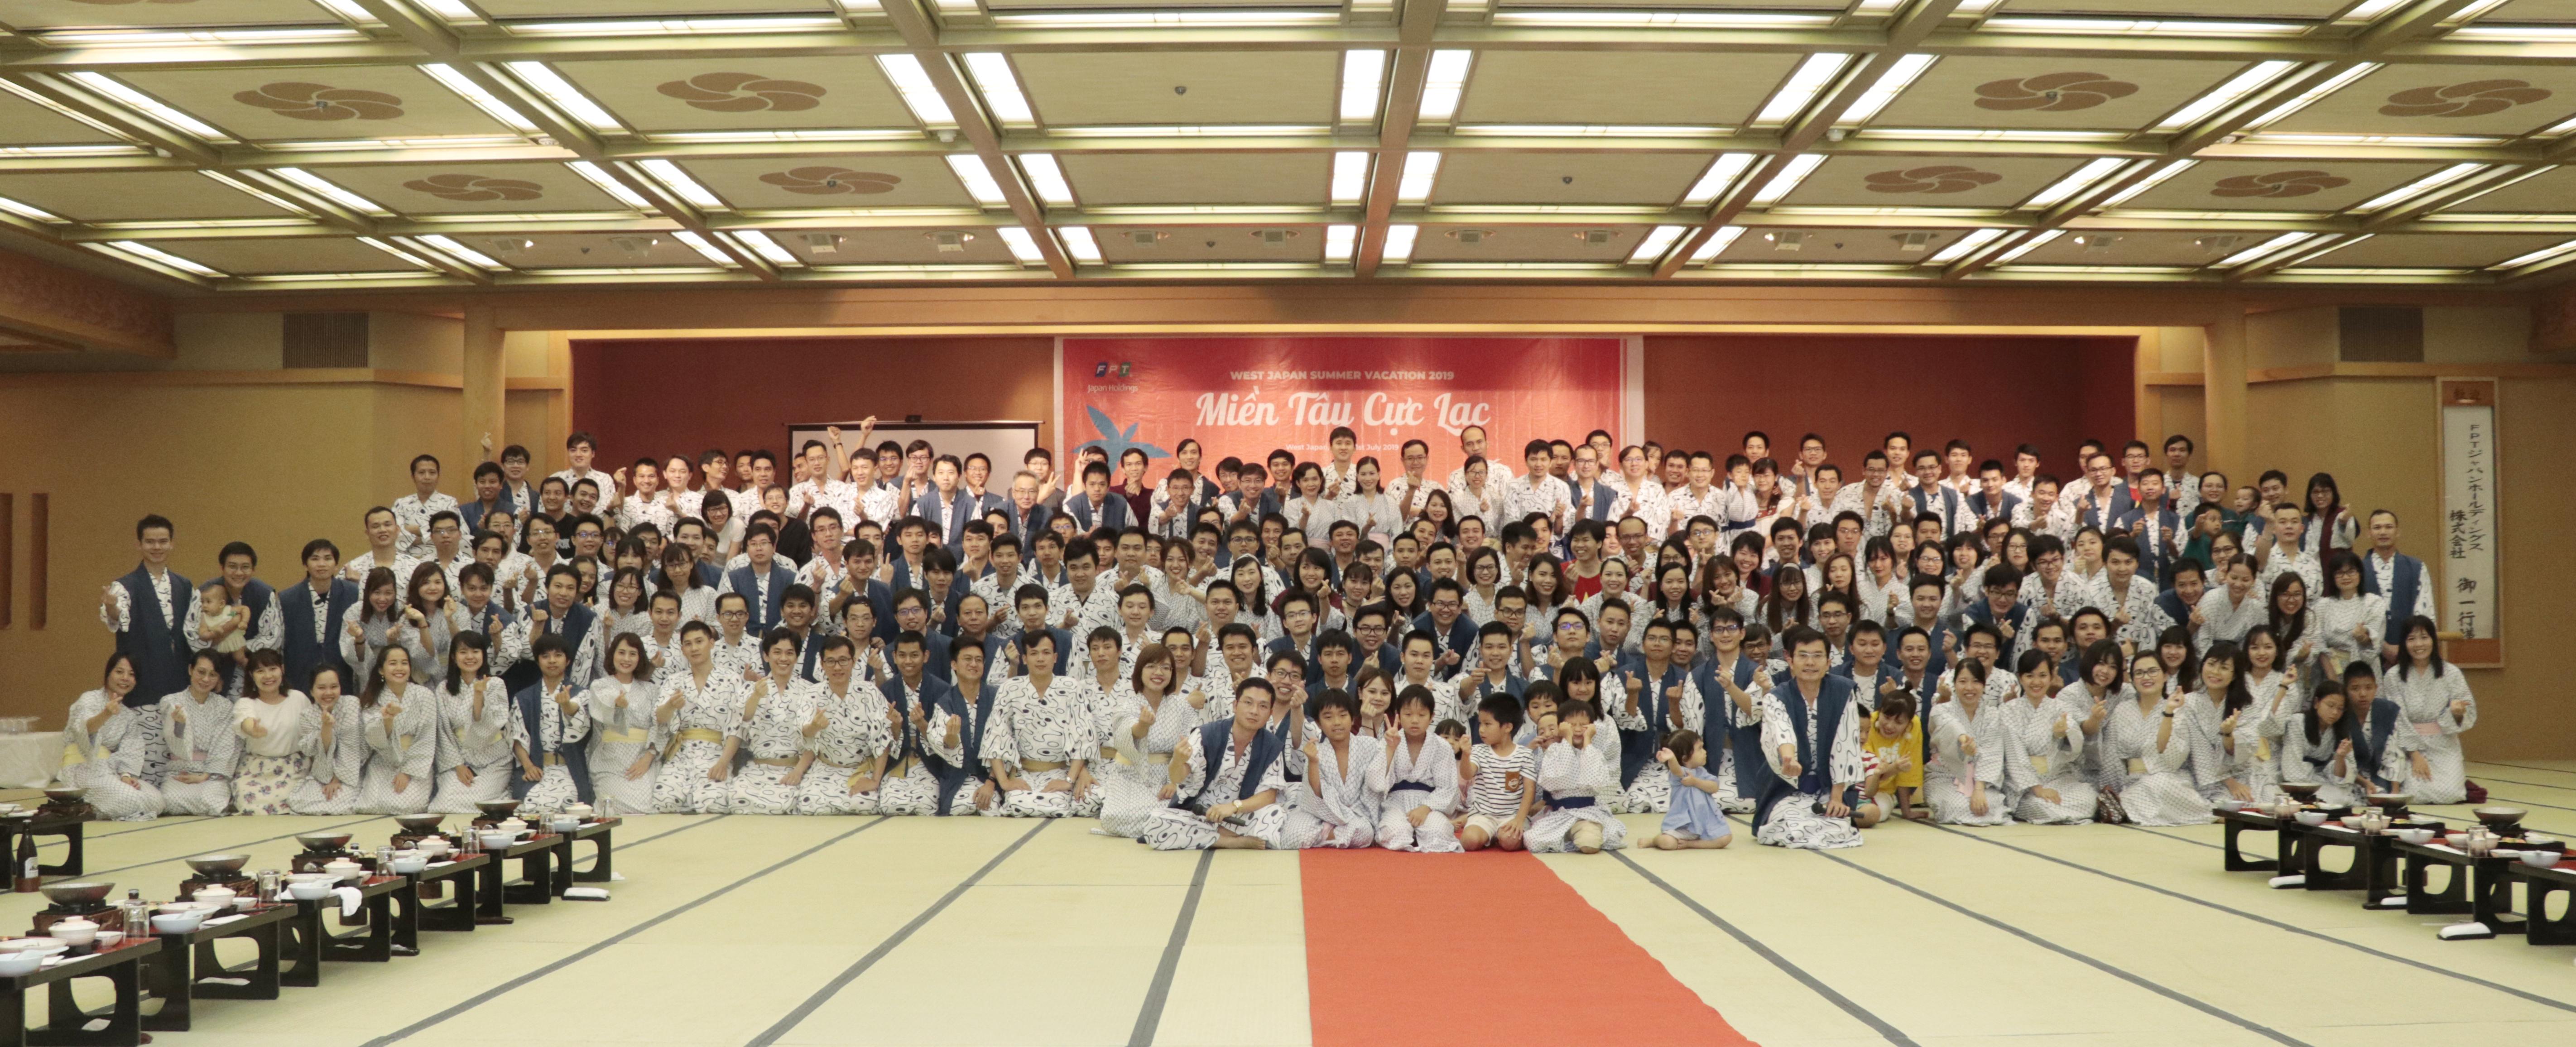 Du lịch hè 2019 của người FPT Japan khu vực phía Tây Nhật Bản (West Japan) diễn ra trong hai ngày 20-21/7.